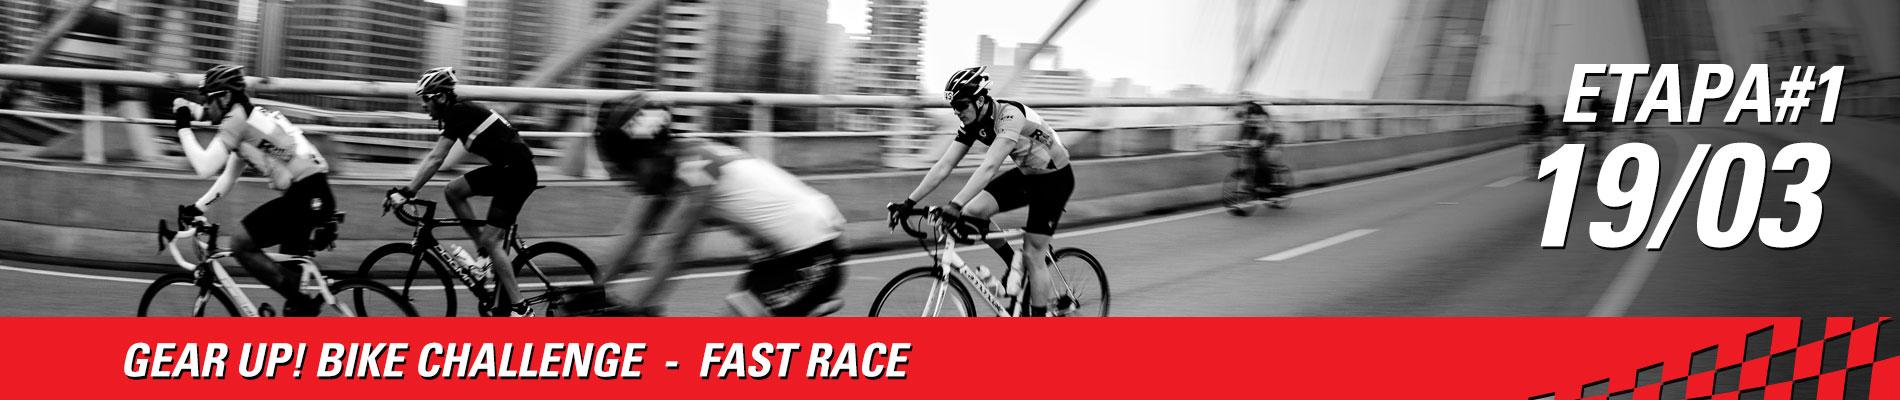 GEAR UP! BIKE CHALLENGE - FAST RACE - Imagem de topo